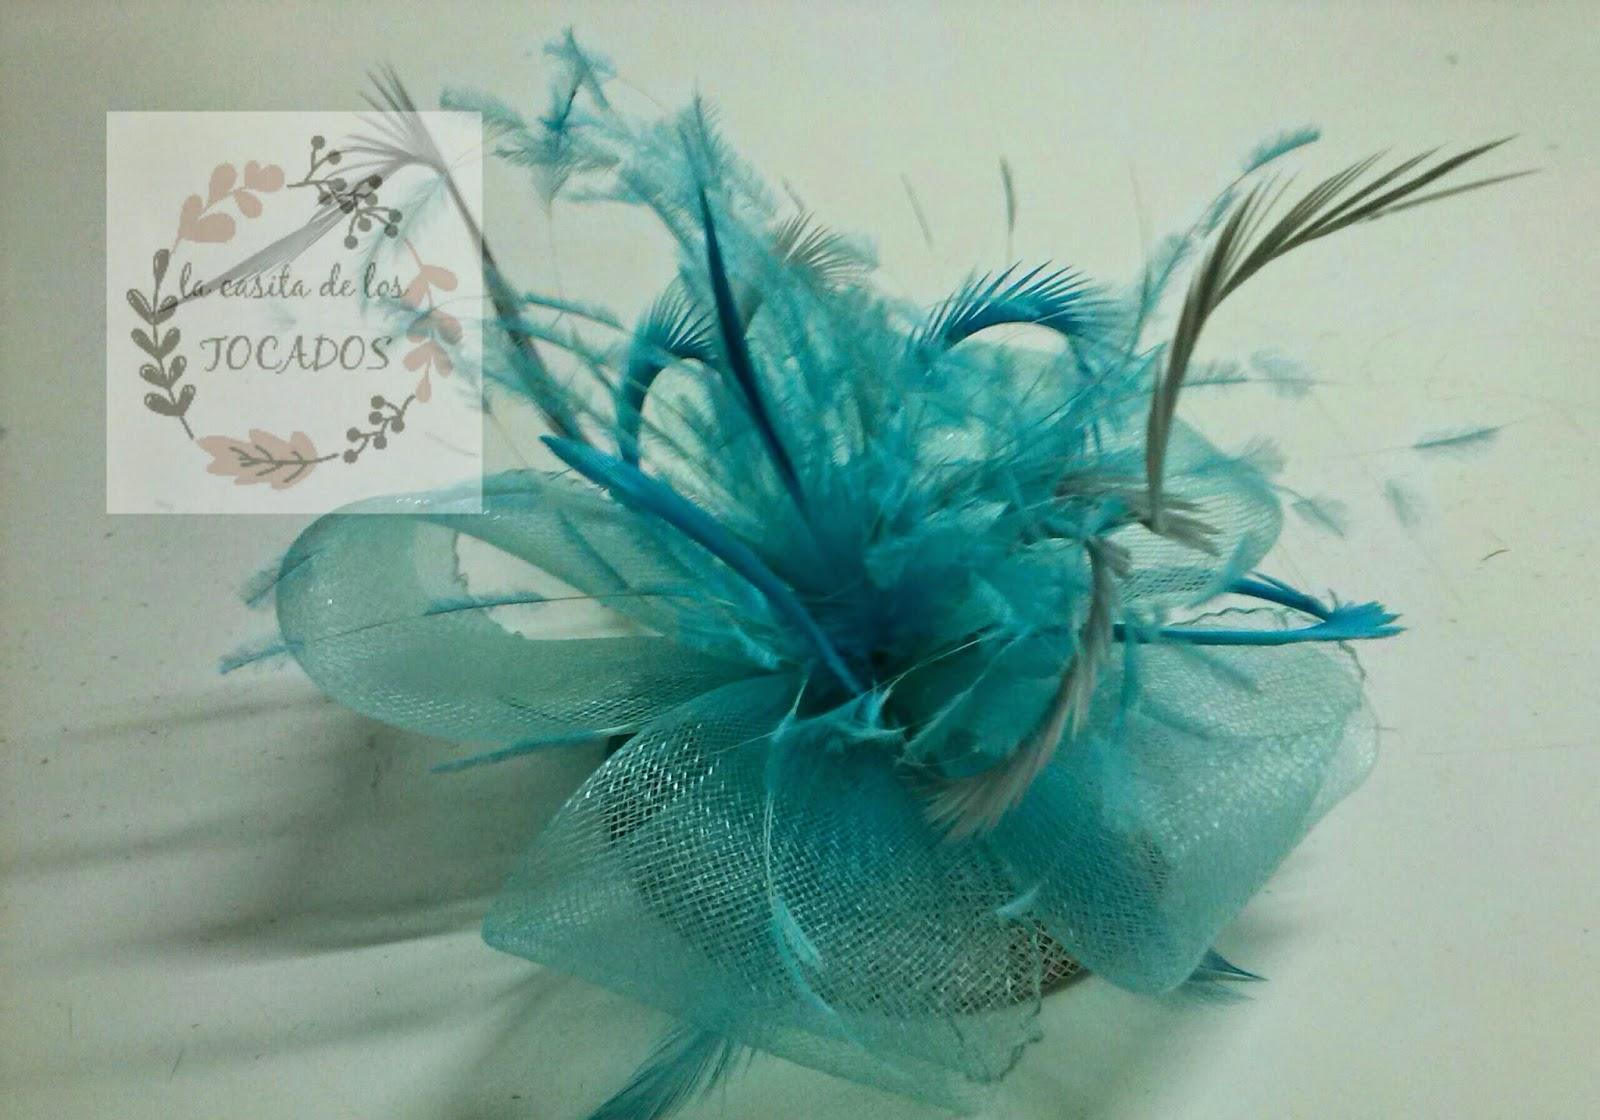 tocado con base de sinamay en plata y adornos de crin en azul cielo con plumas variadas en ambos tonos